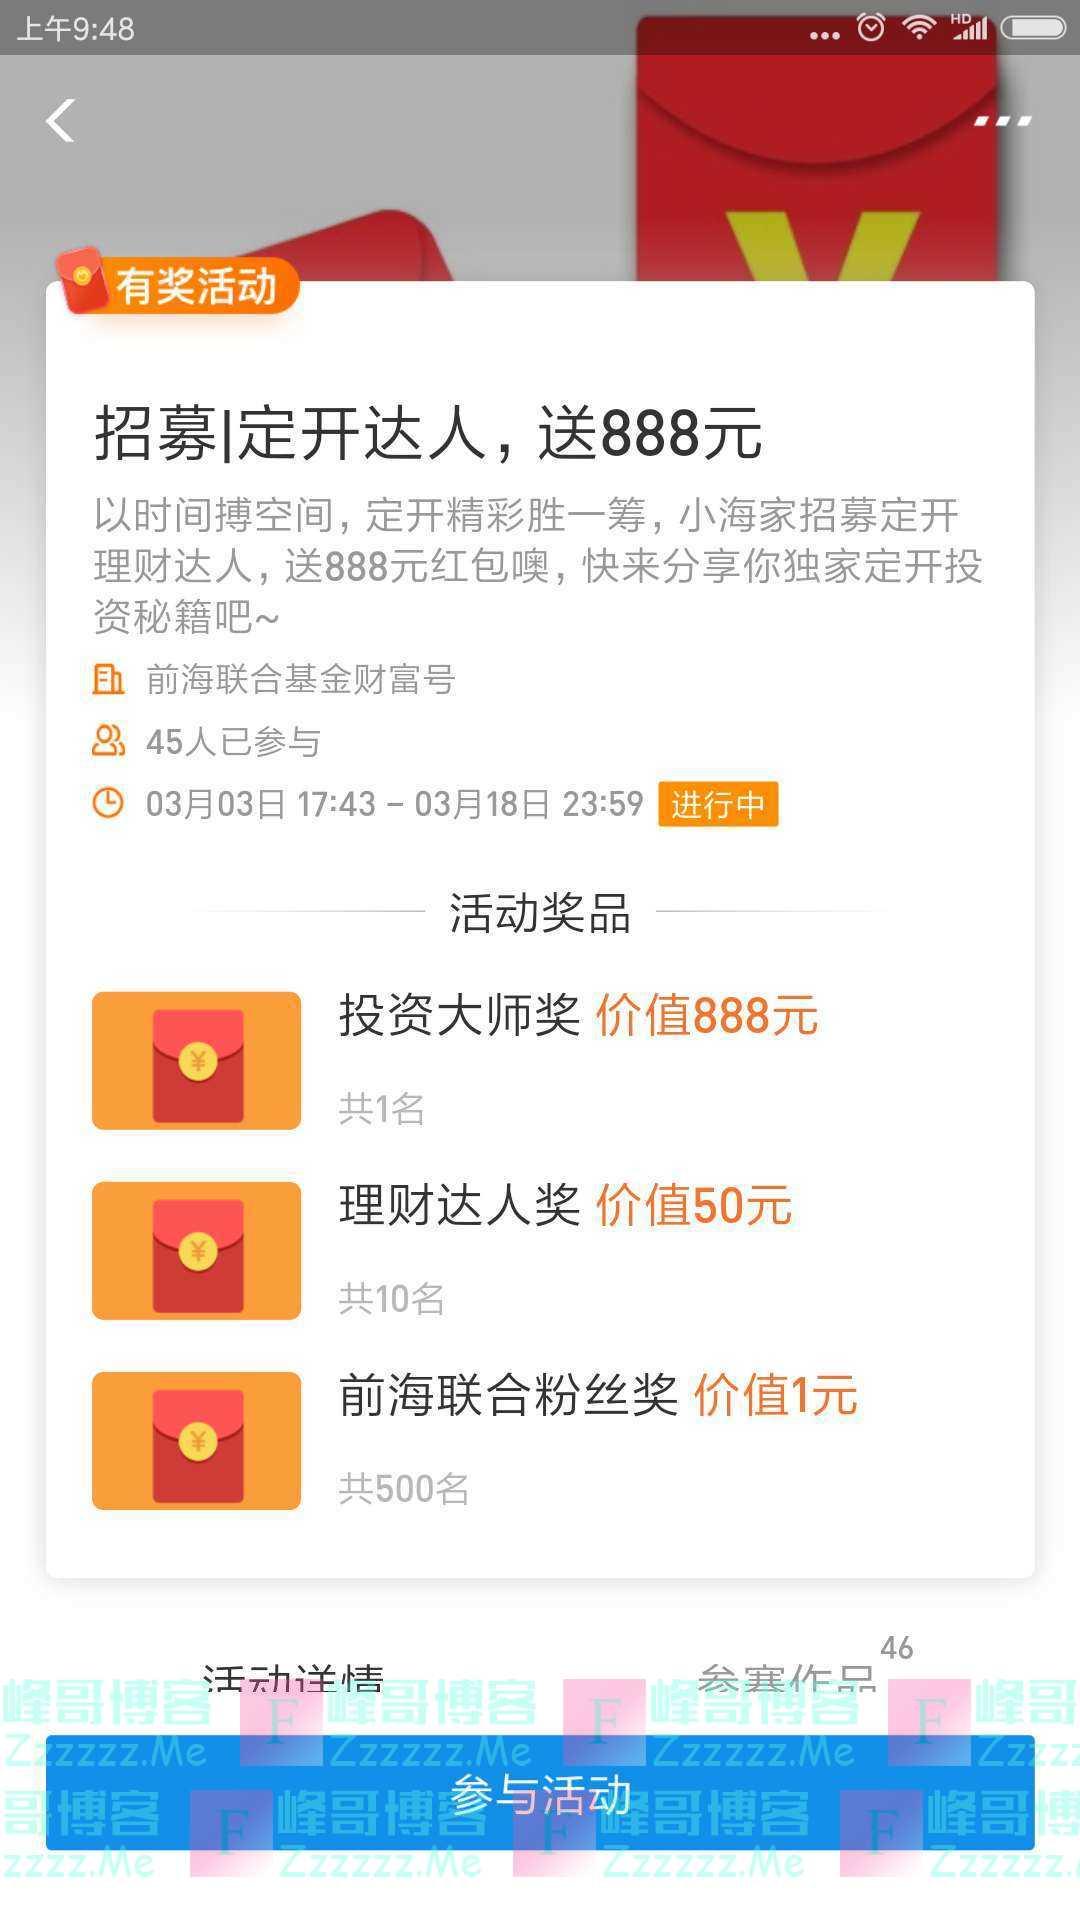 前海联合基金招募定开达人送888元(截止3月18日)